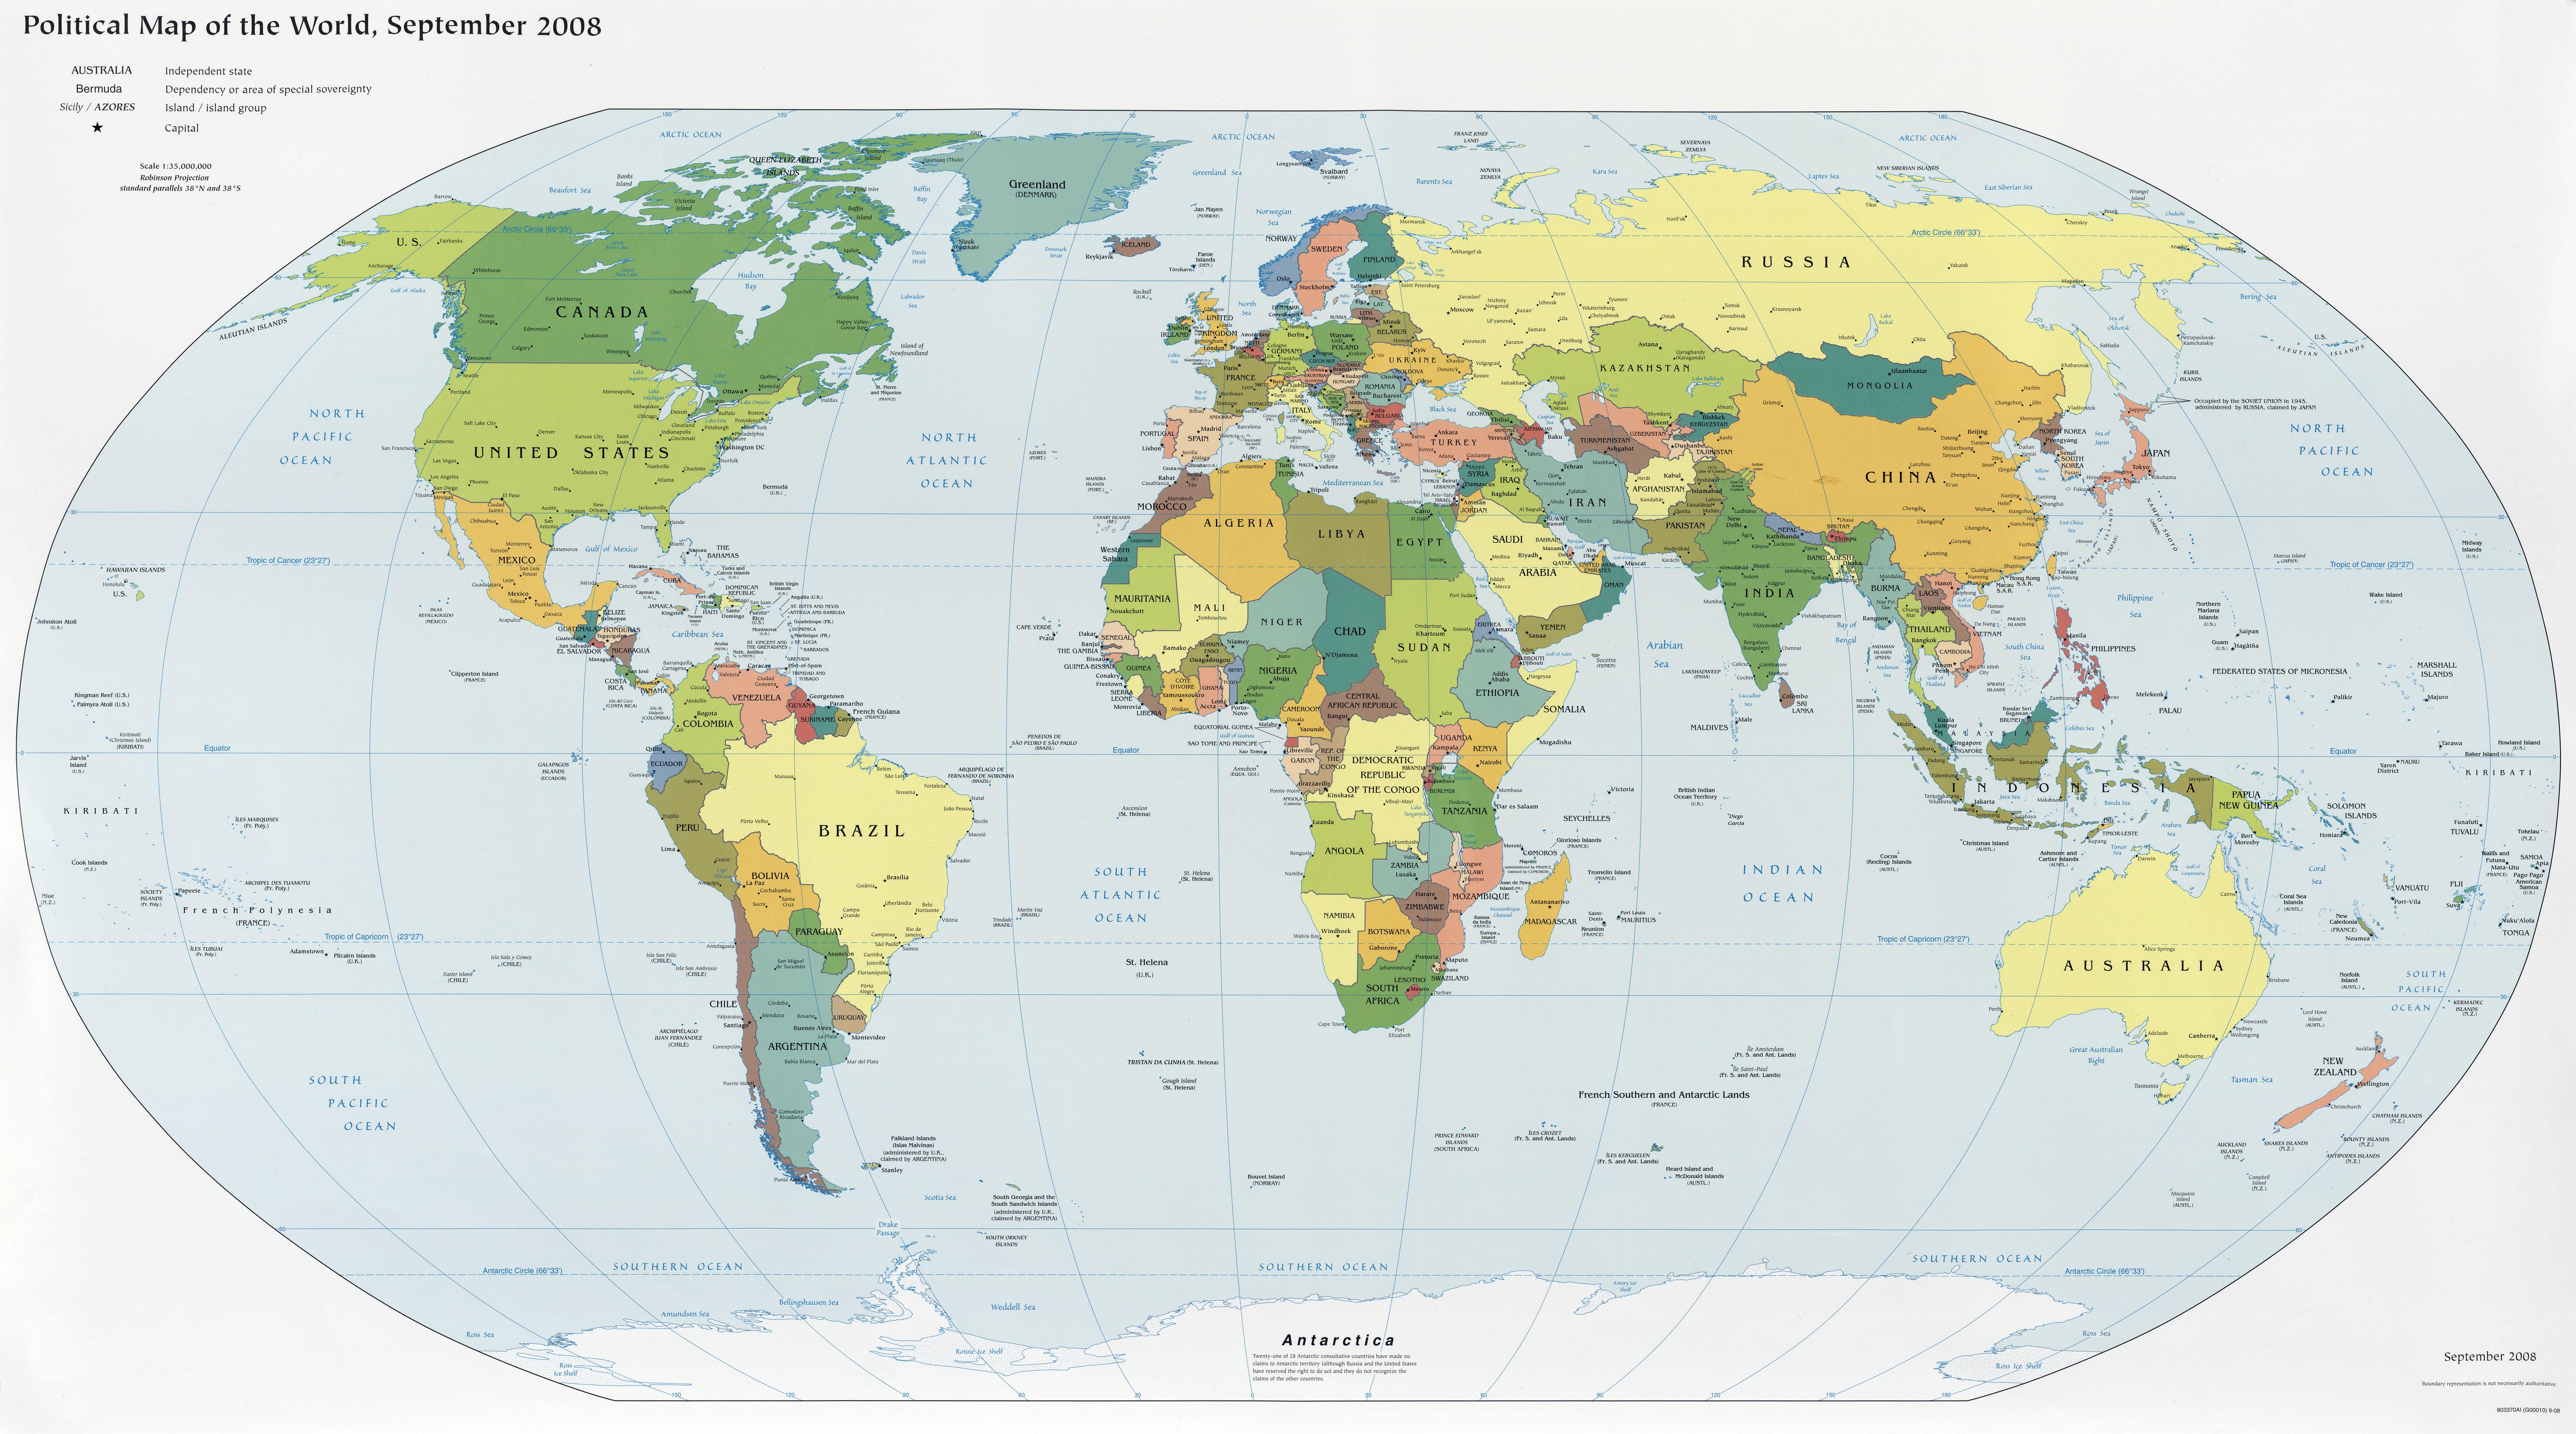 Varldskarta Politisk Karta Over Varlden 2008